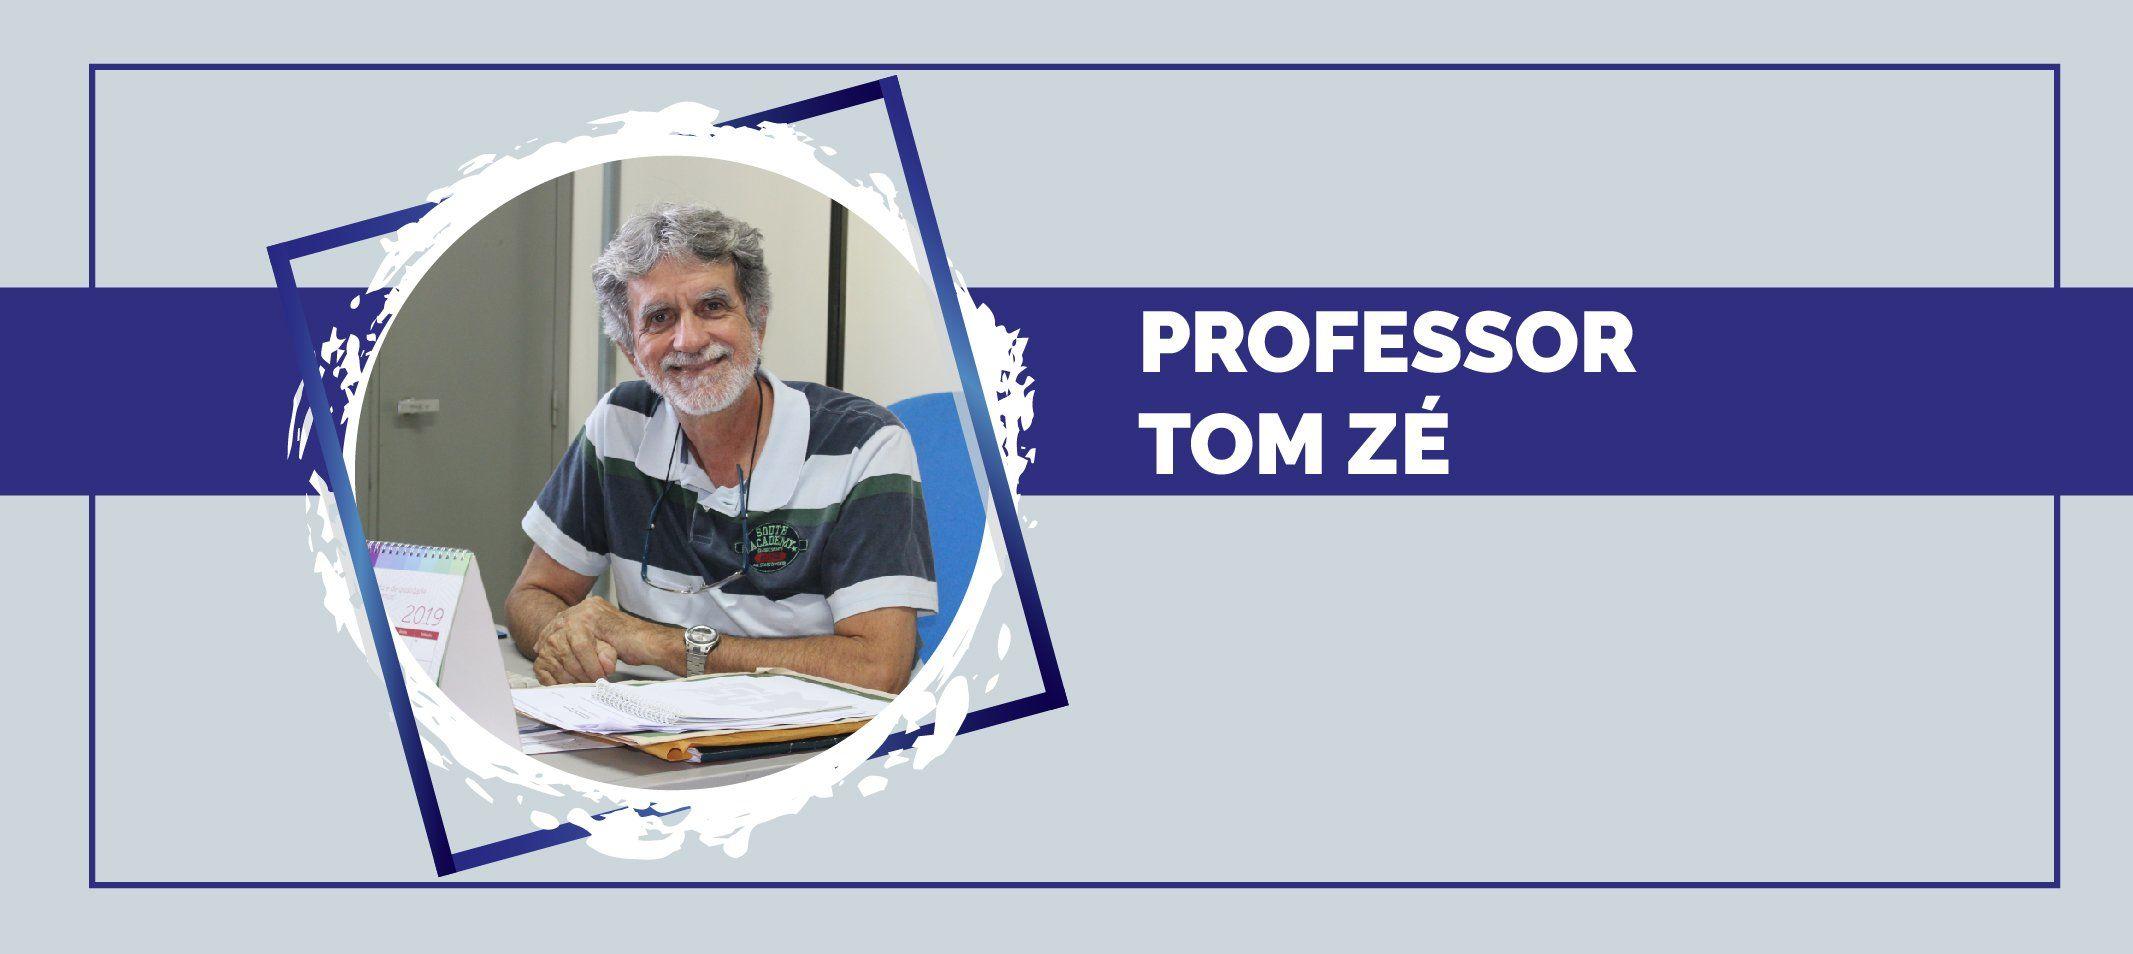 Professor Tom Zé se despede da carreira acadêmica